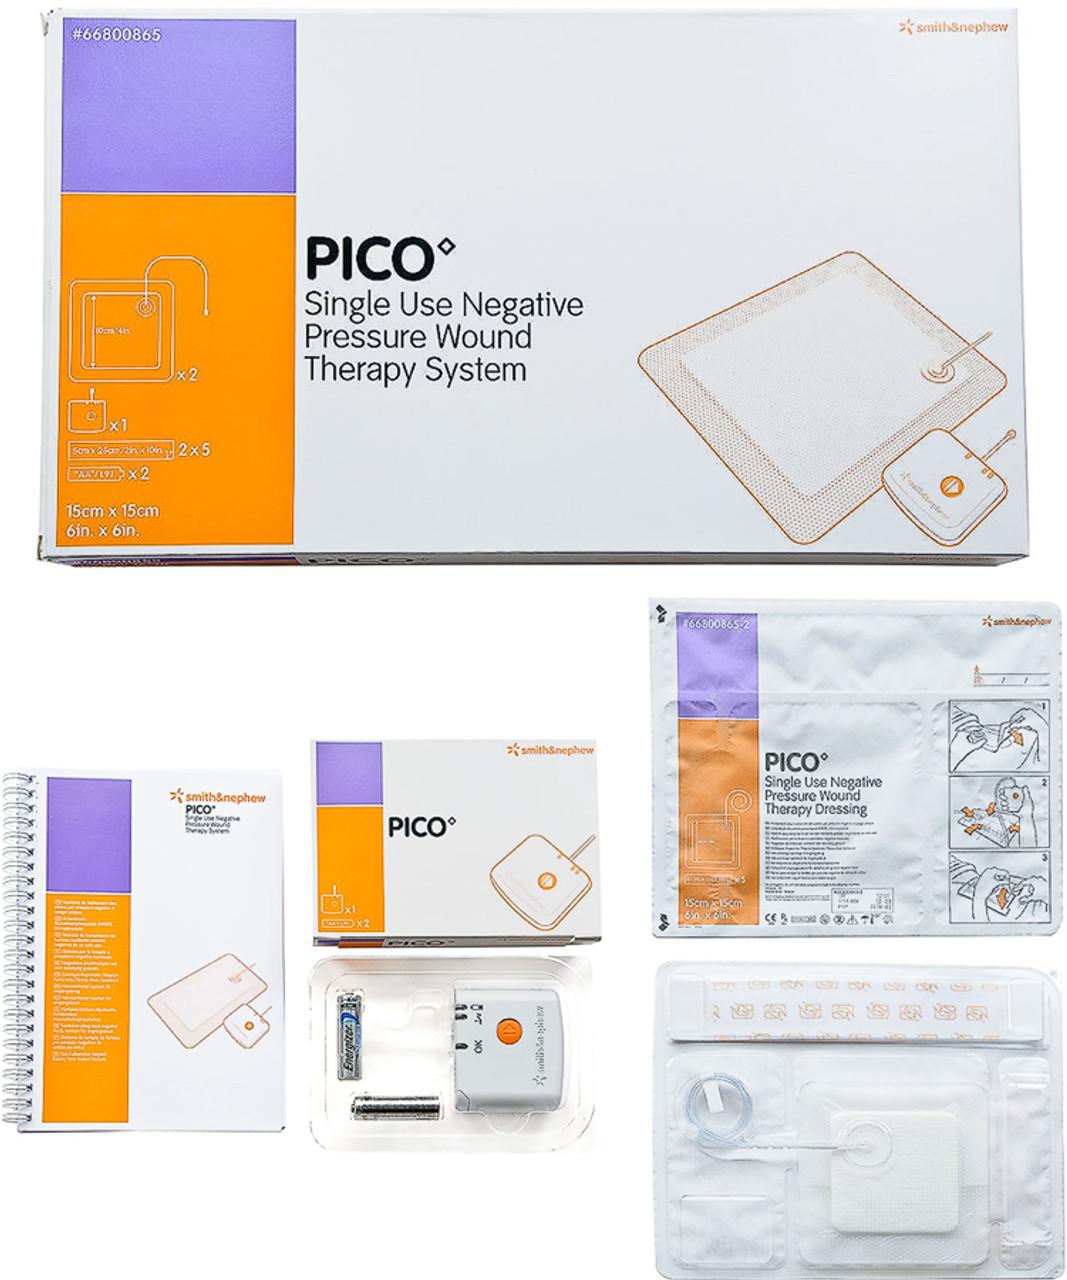 Buy Online Pico Sterile 25x25cm Kit 1 Sn 66800958 Canada